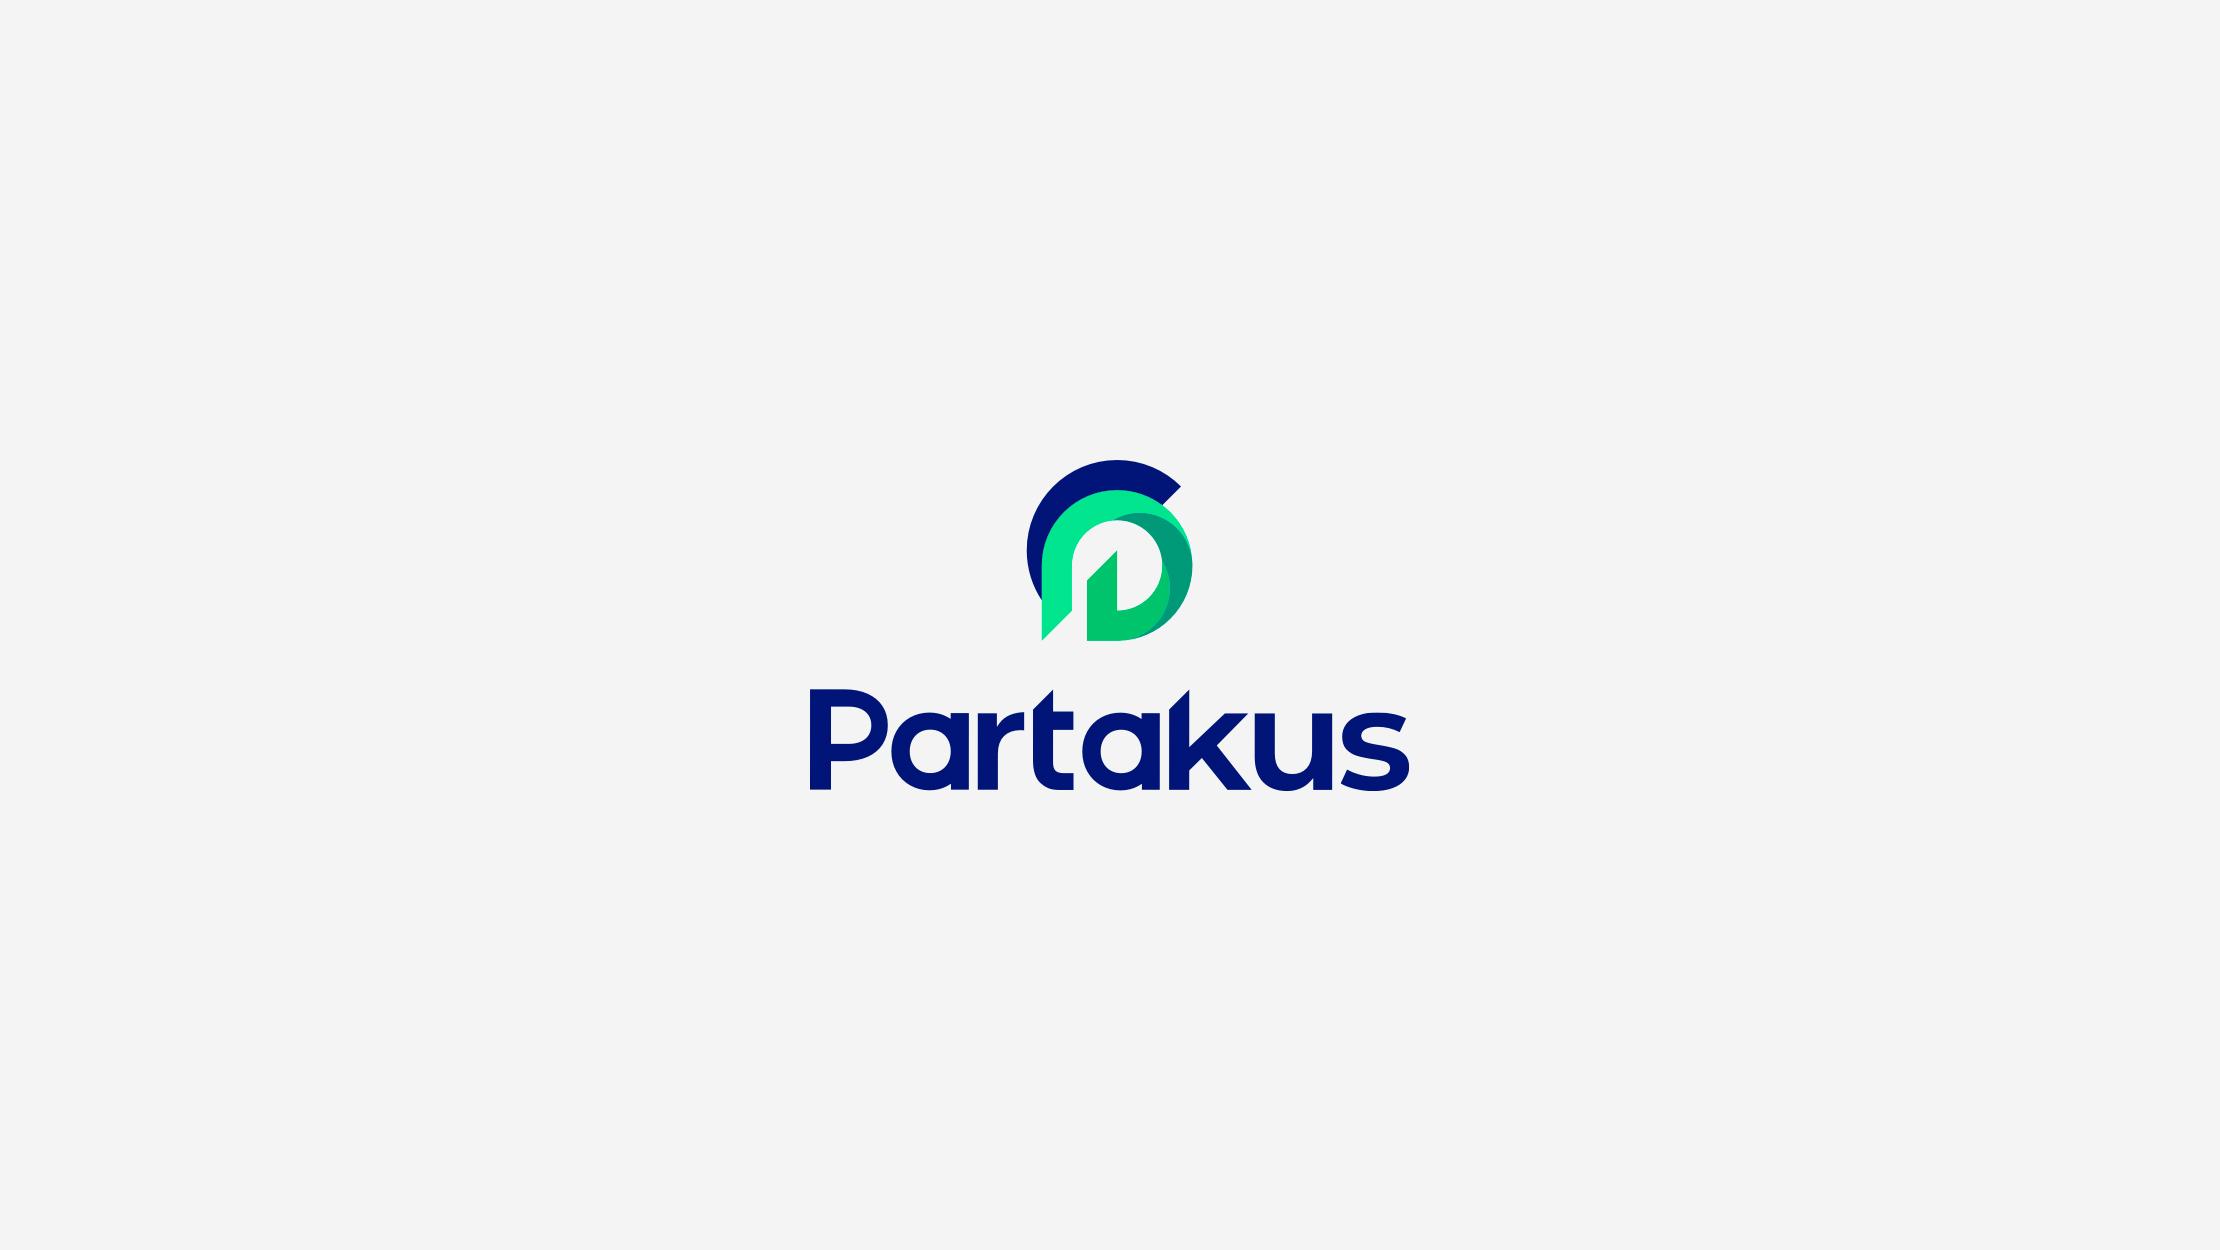 Partakus_00